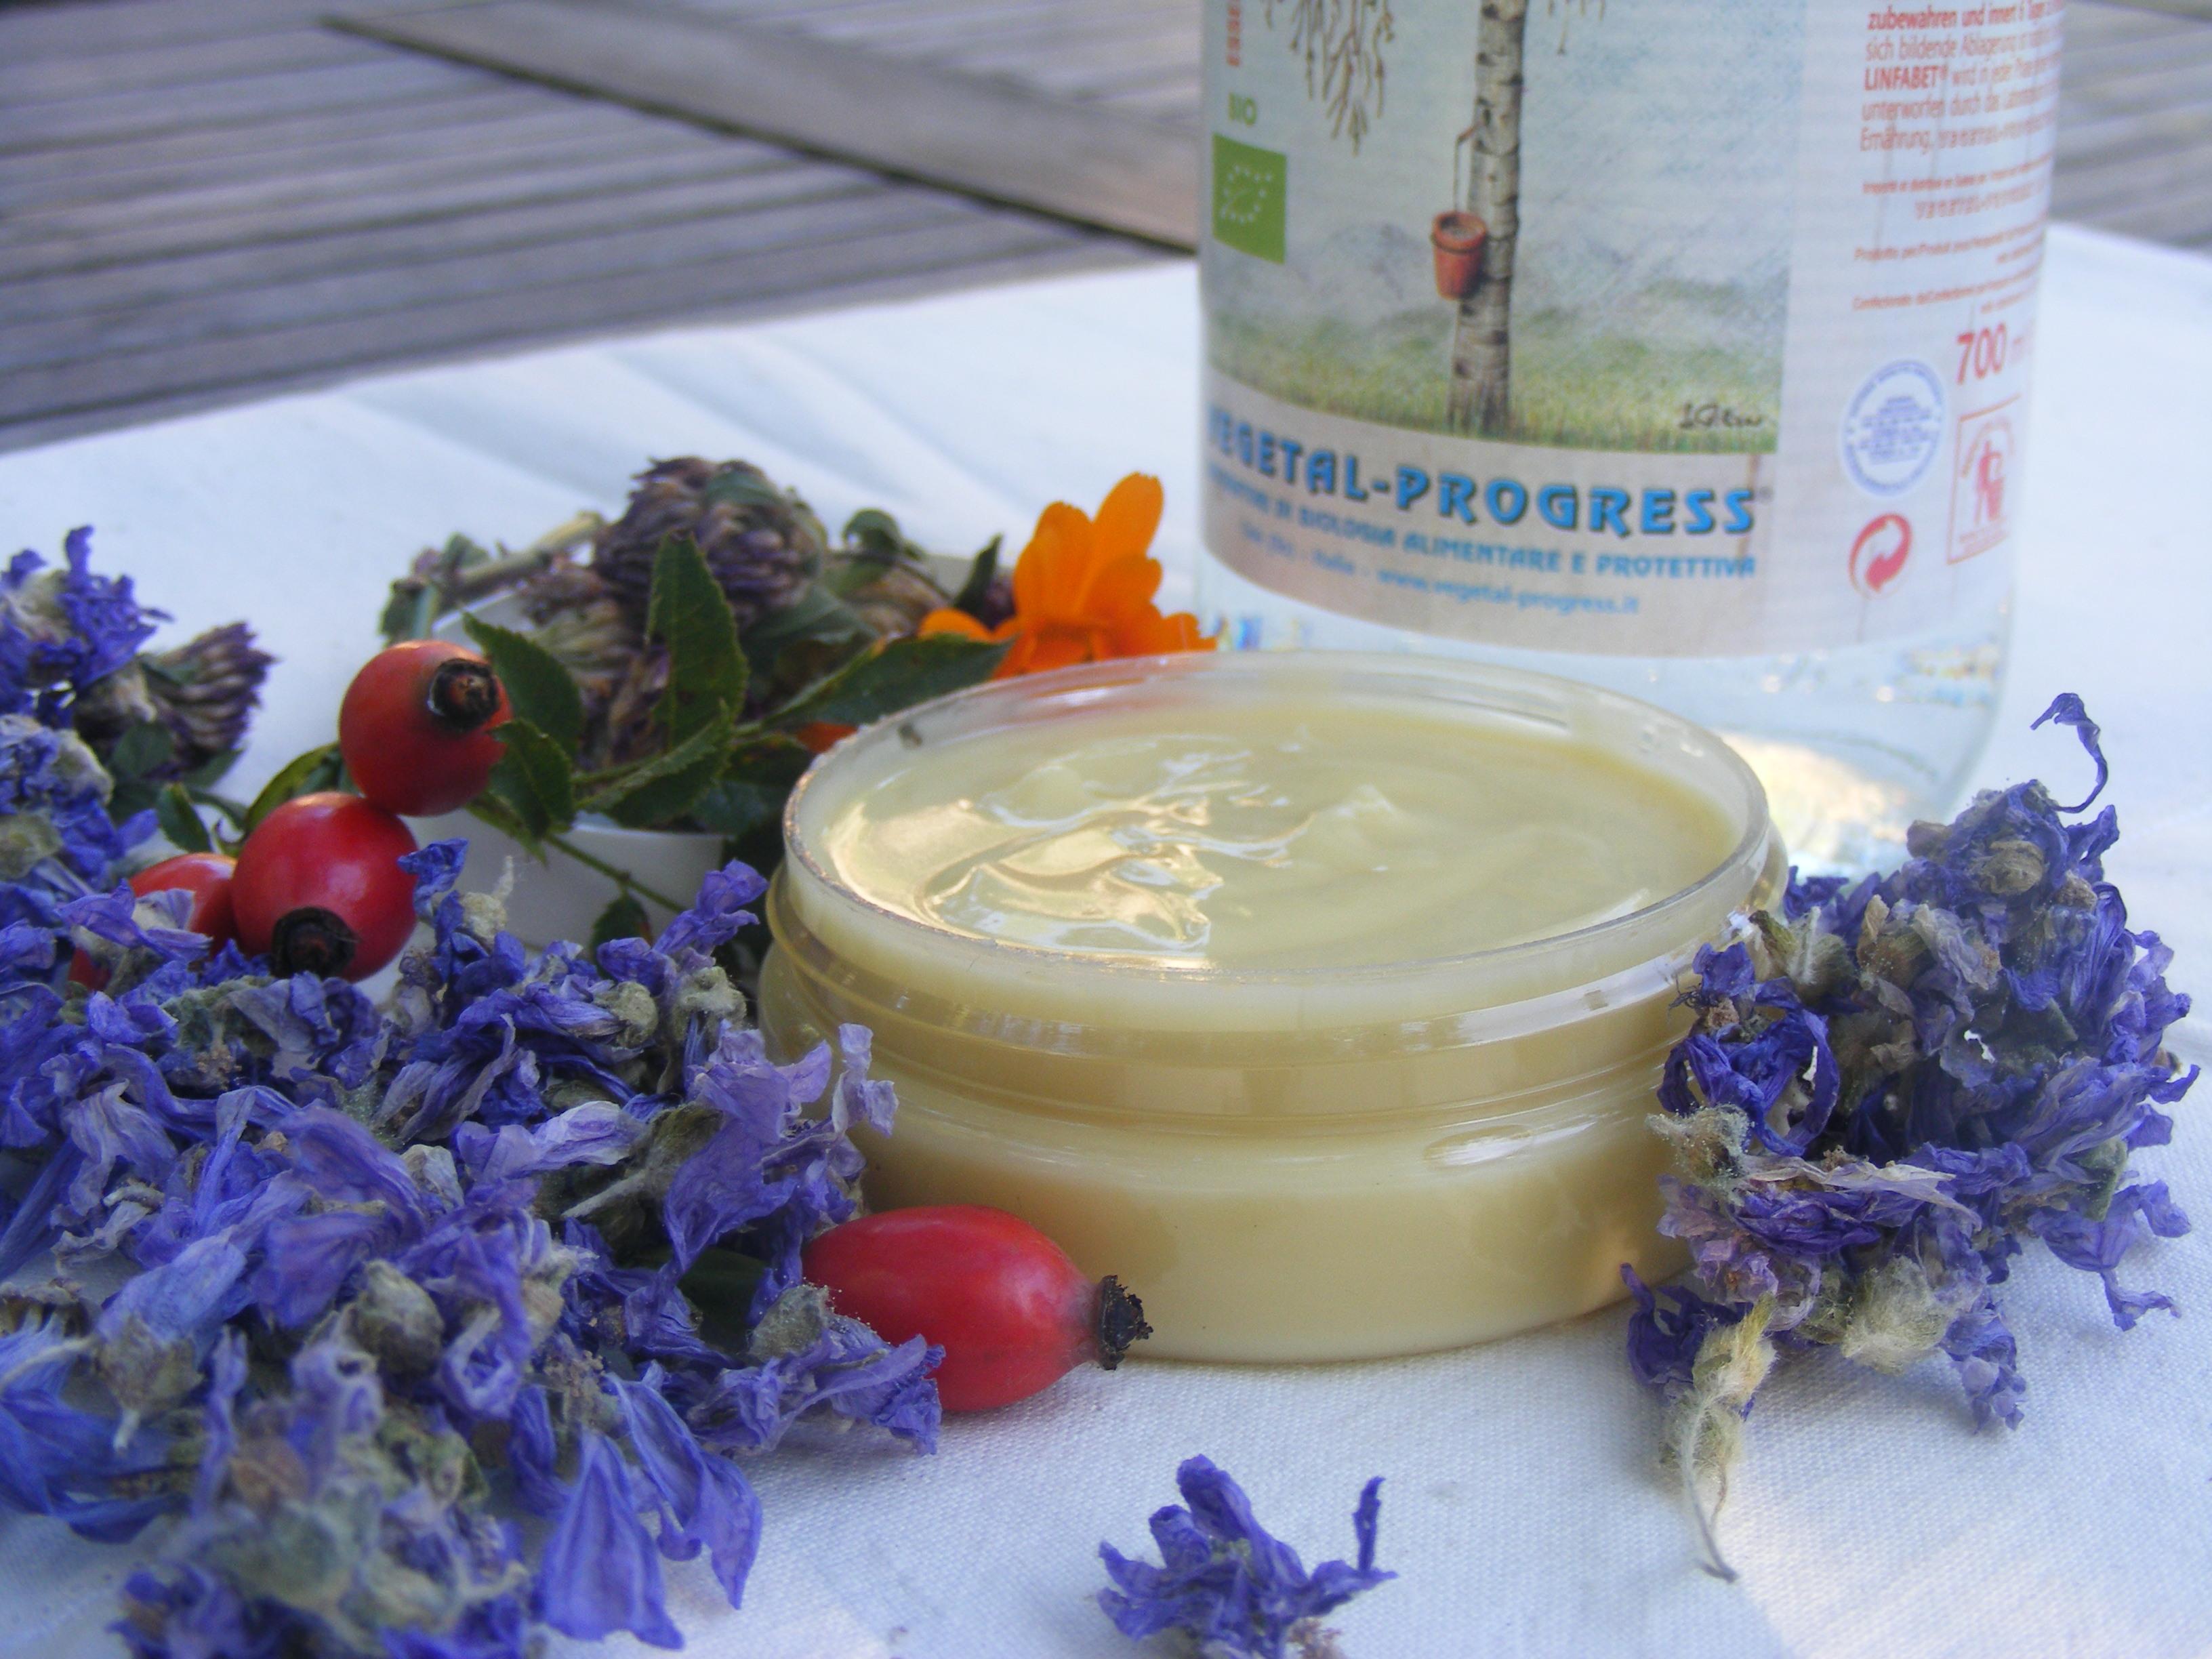 Cosmetica natural que alimenta tu piel